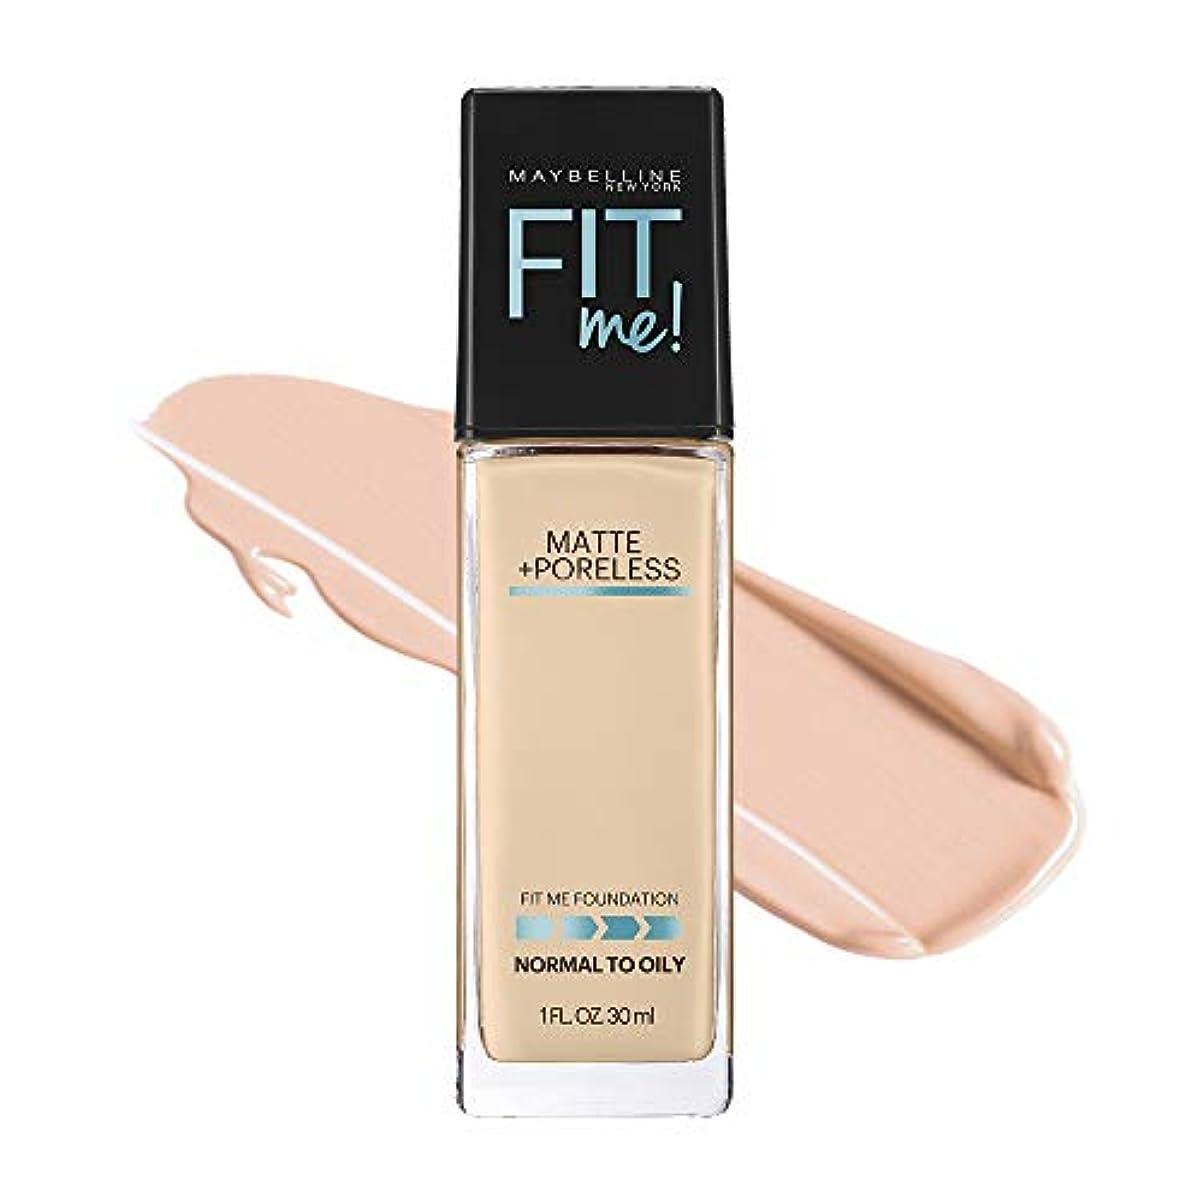 ベンチャーエレベーターポルノメイベリン フィットミー リキッド ファンデーション 115 標準的な肌色(ピンク系)